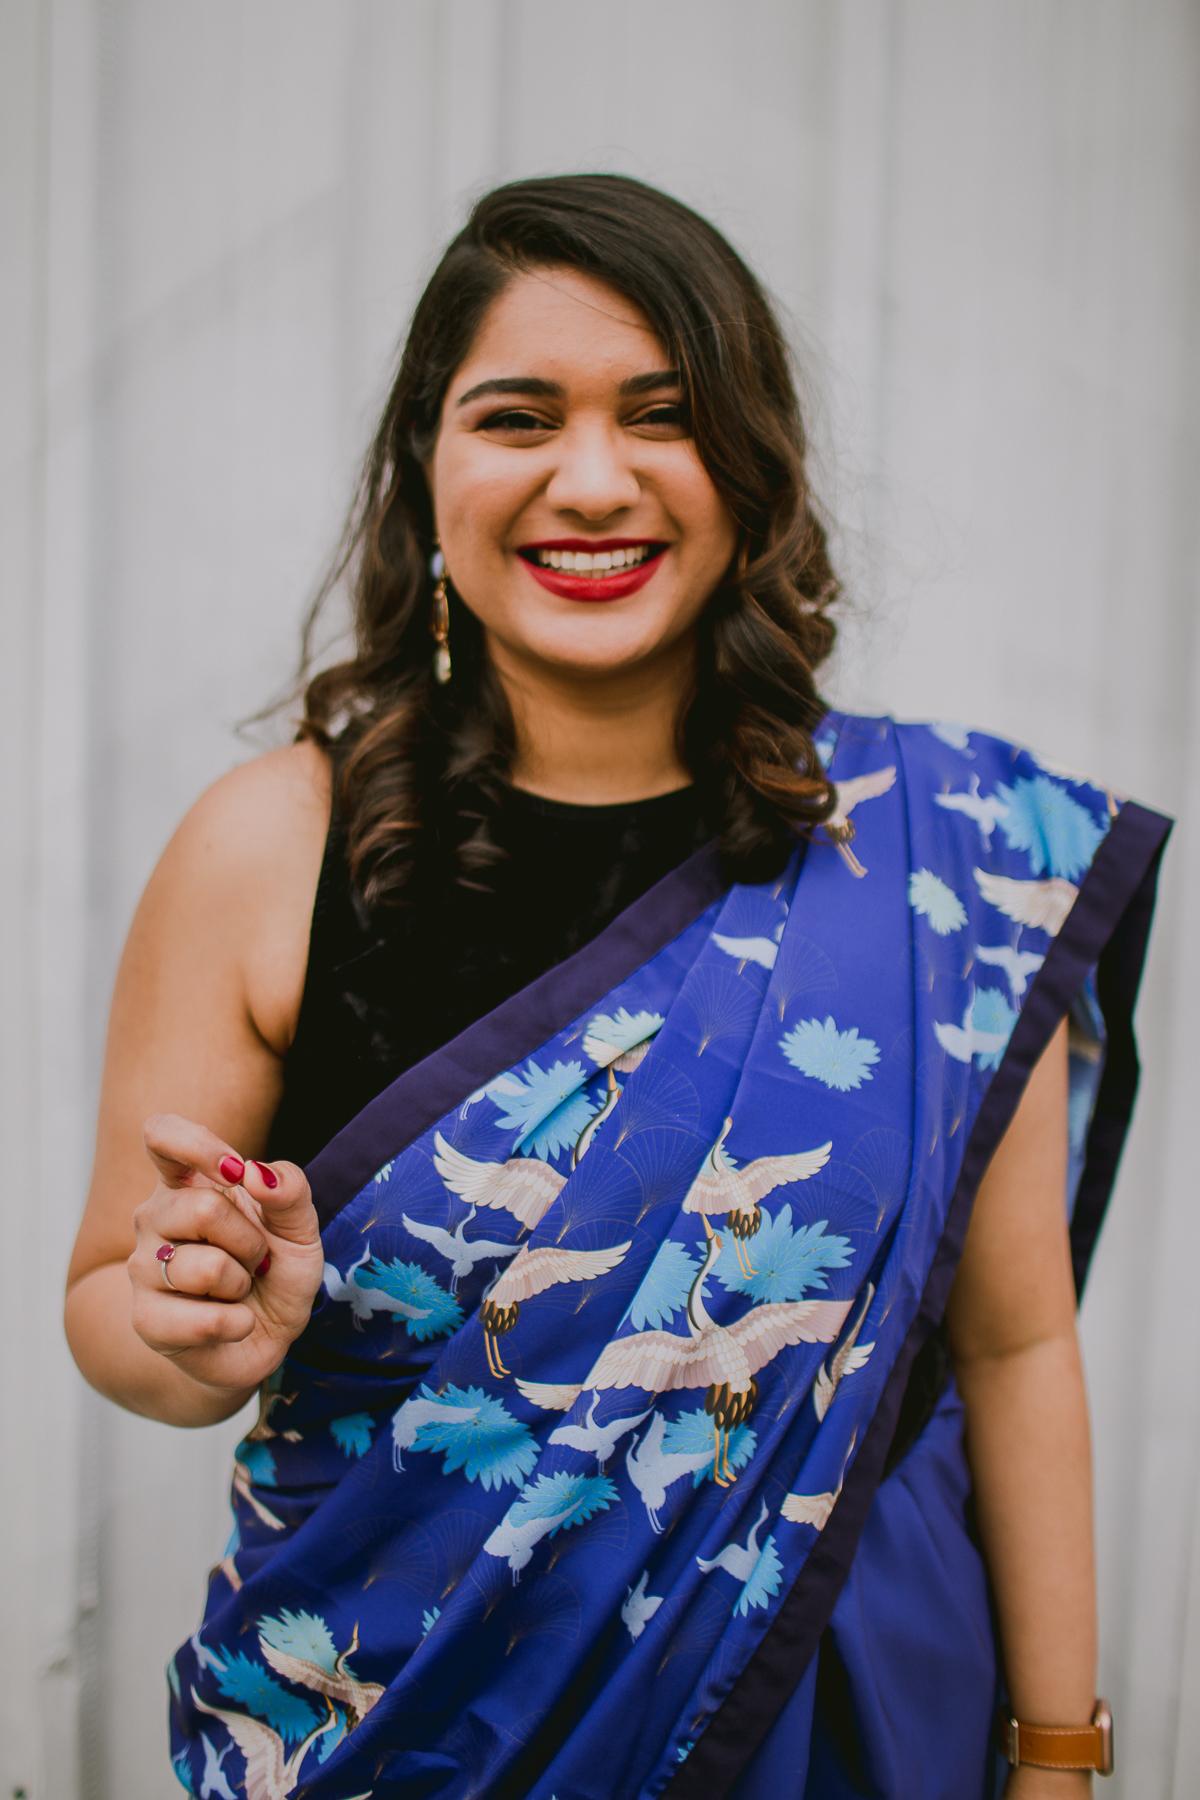 atlanta-beltline-american-indian-engagement-kelley-raye-los-angeles-wedding-photographer-15.jpg